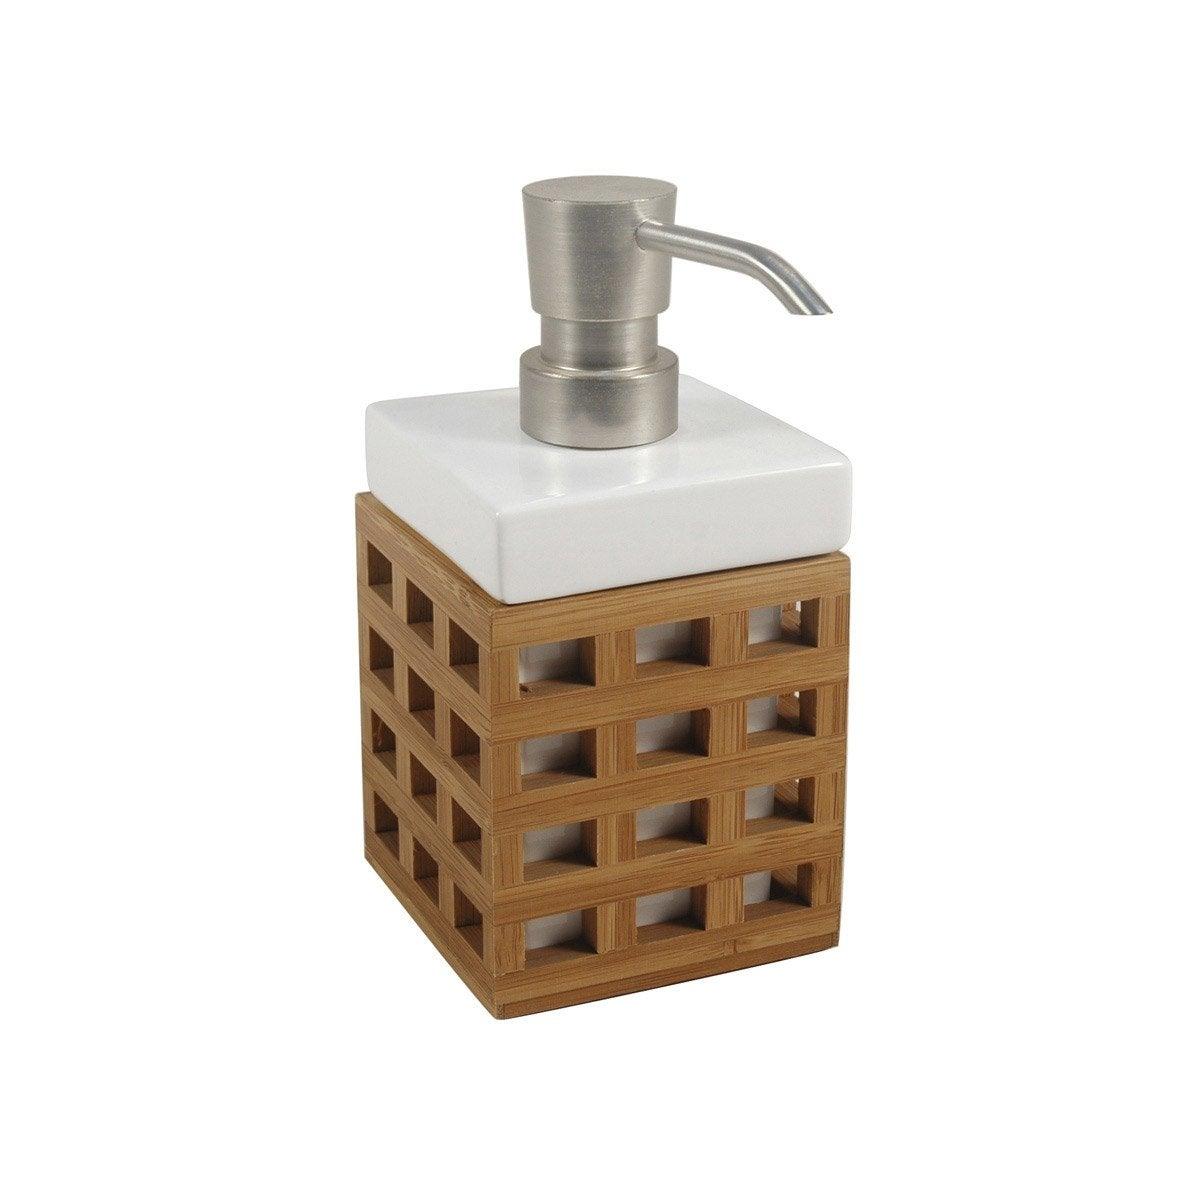 distributeur de savon fudji naturel leroy merlin. Black Bedroom Furniture Sets. Home Design Ideas